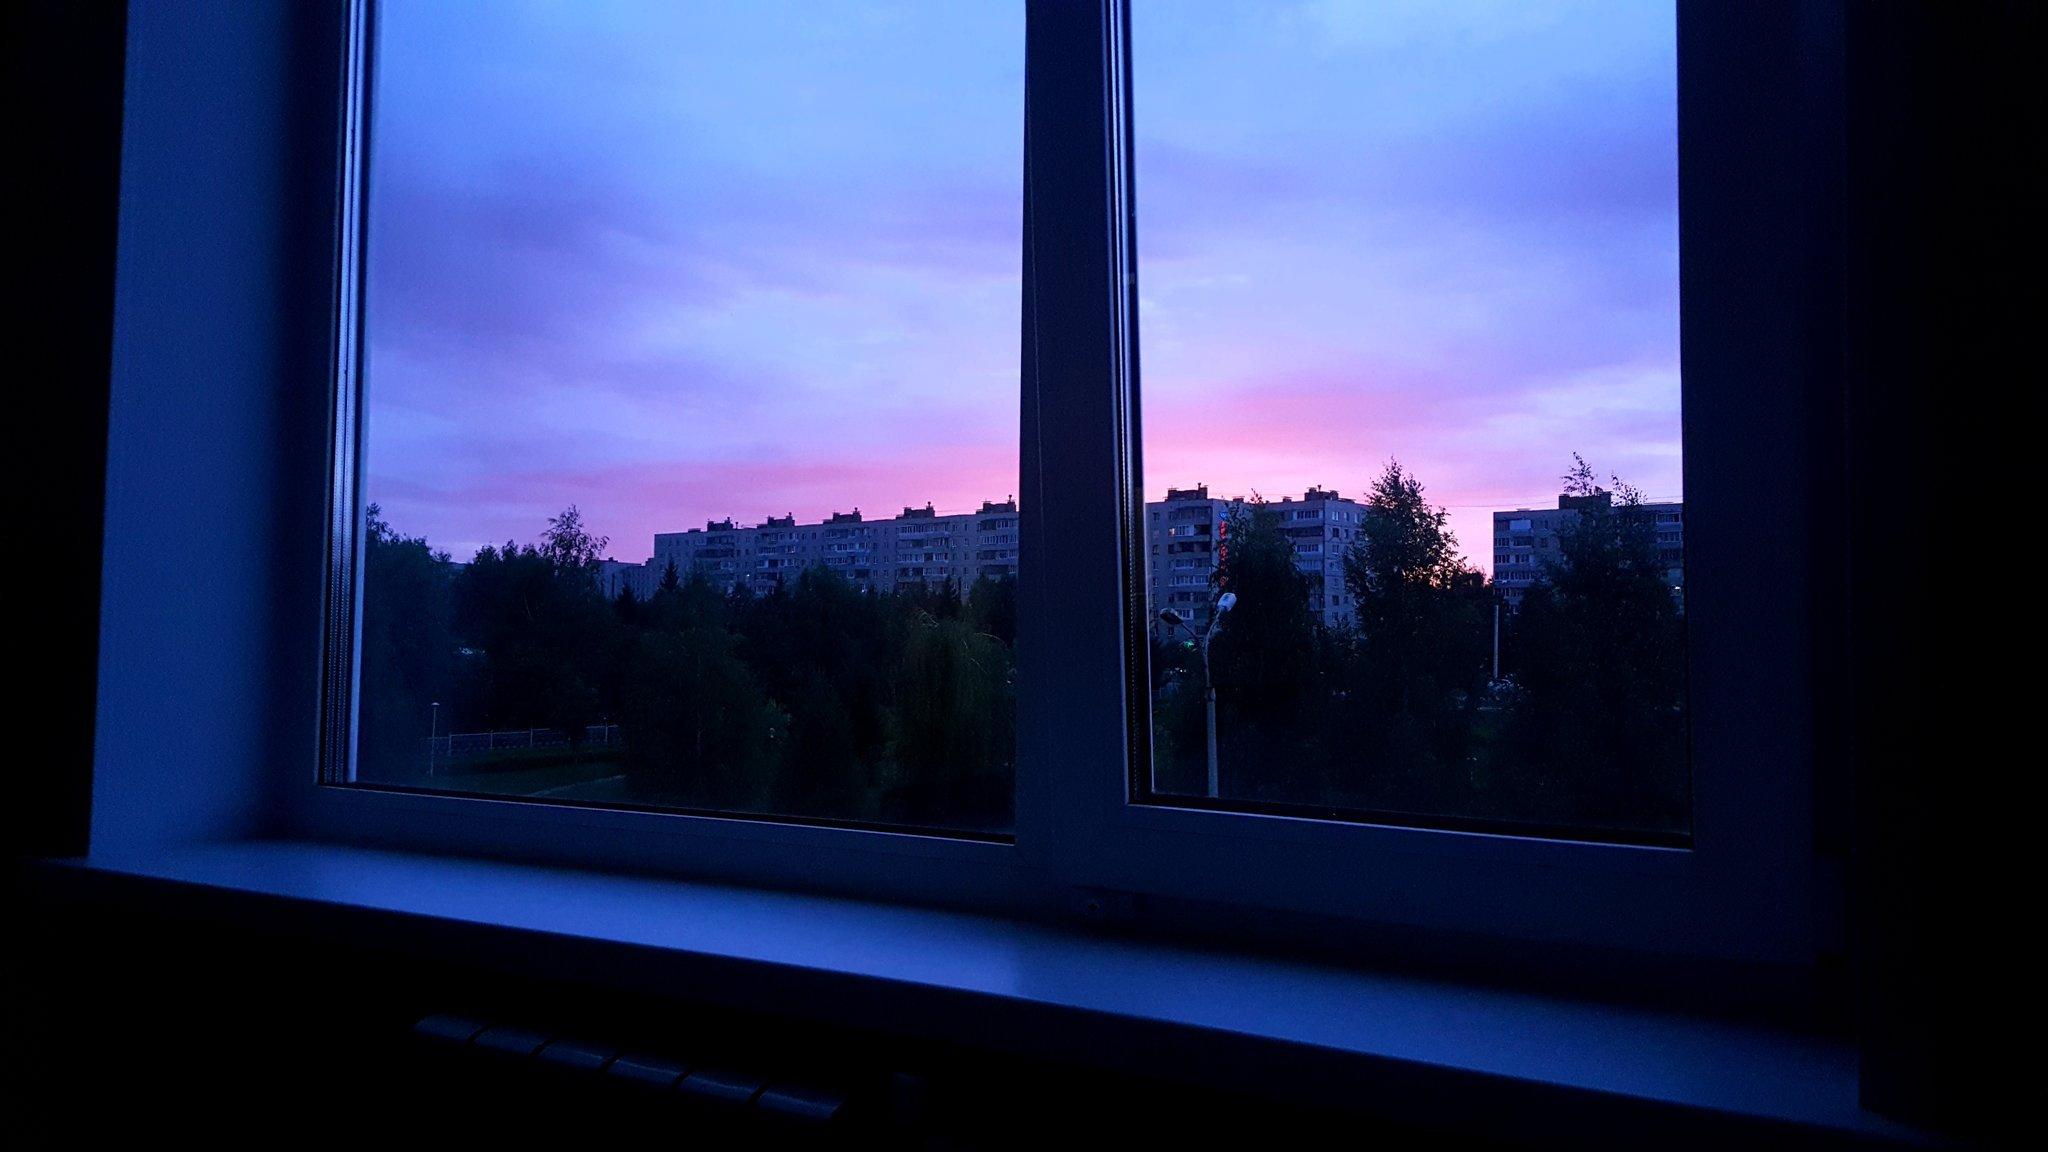 людей, красивый вид из окна картинки ночью окончания